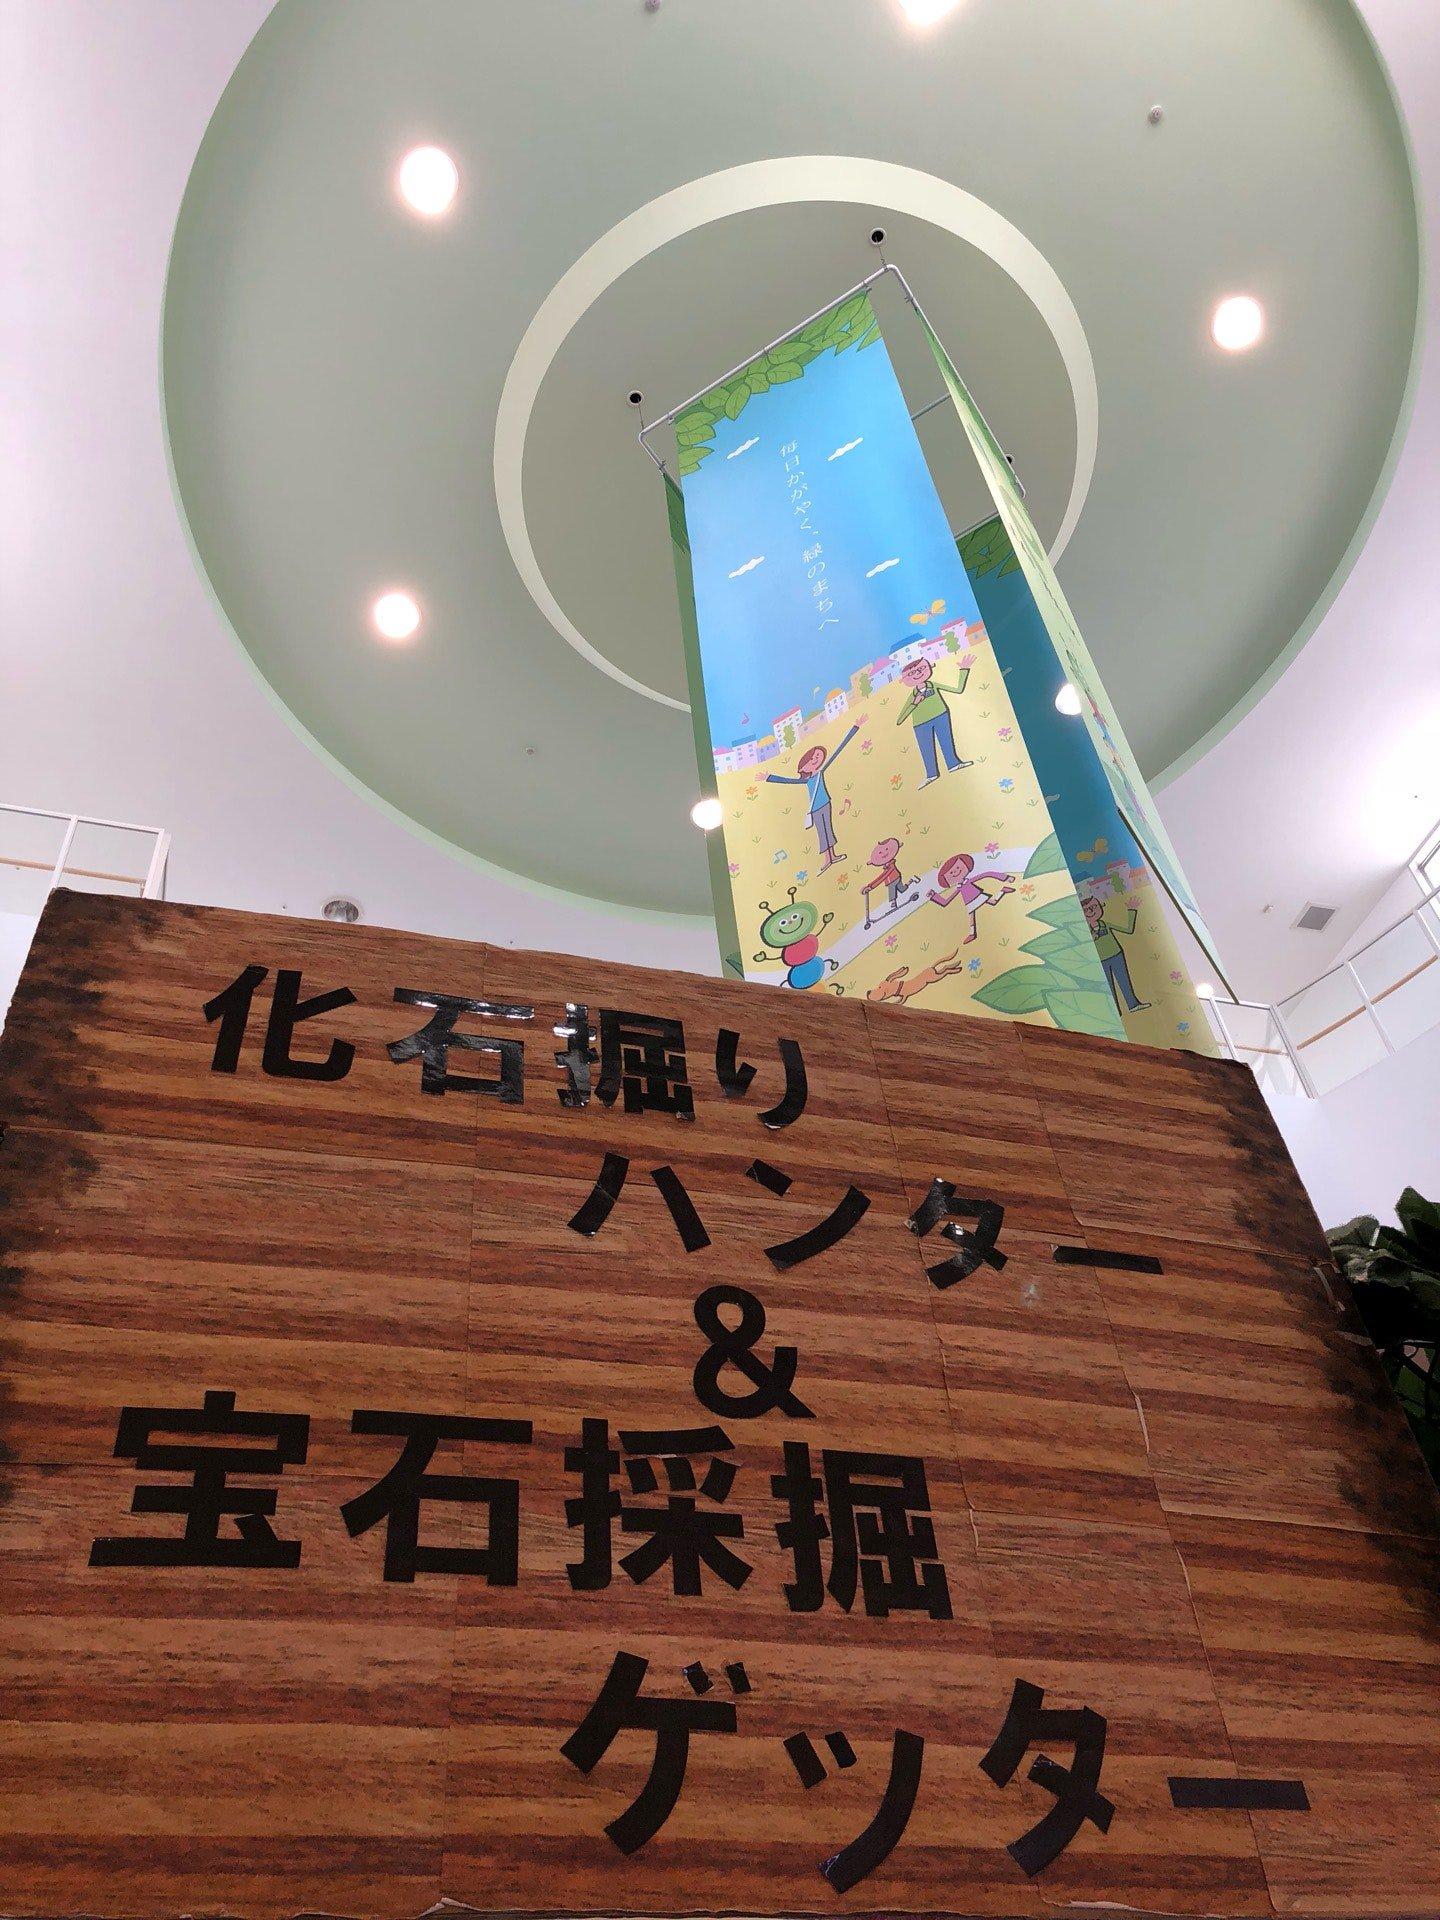 化石掘りハンター&宝石採掘ゲッター、行列すごい(−_−;) (@ リーフウォーク稲沢 in 稲沢市, 愛知県) https://t.co/yzEt3aYveC https://t.co/pzwRpWeKvW